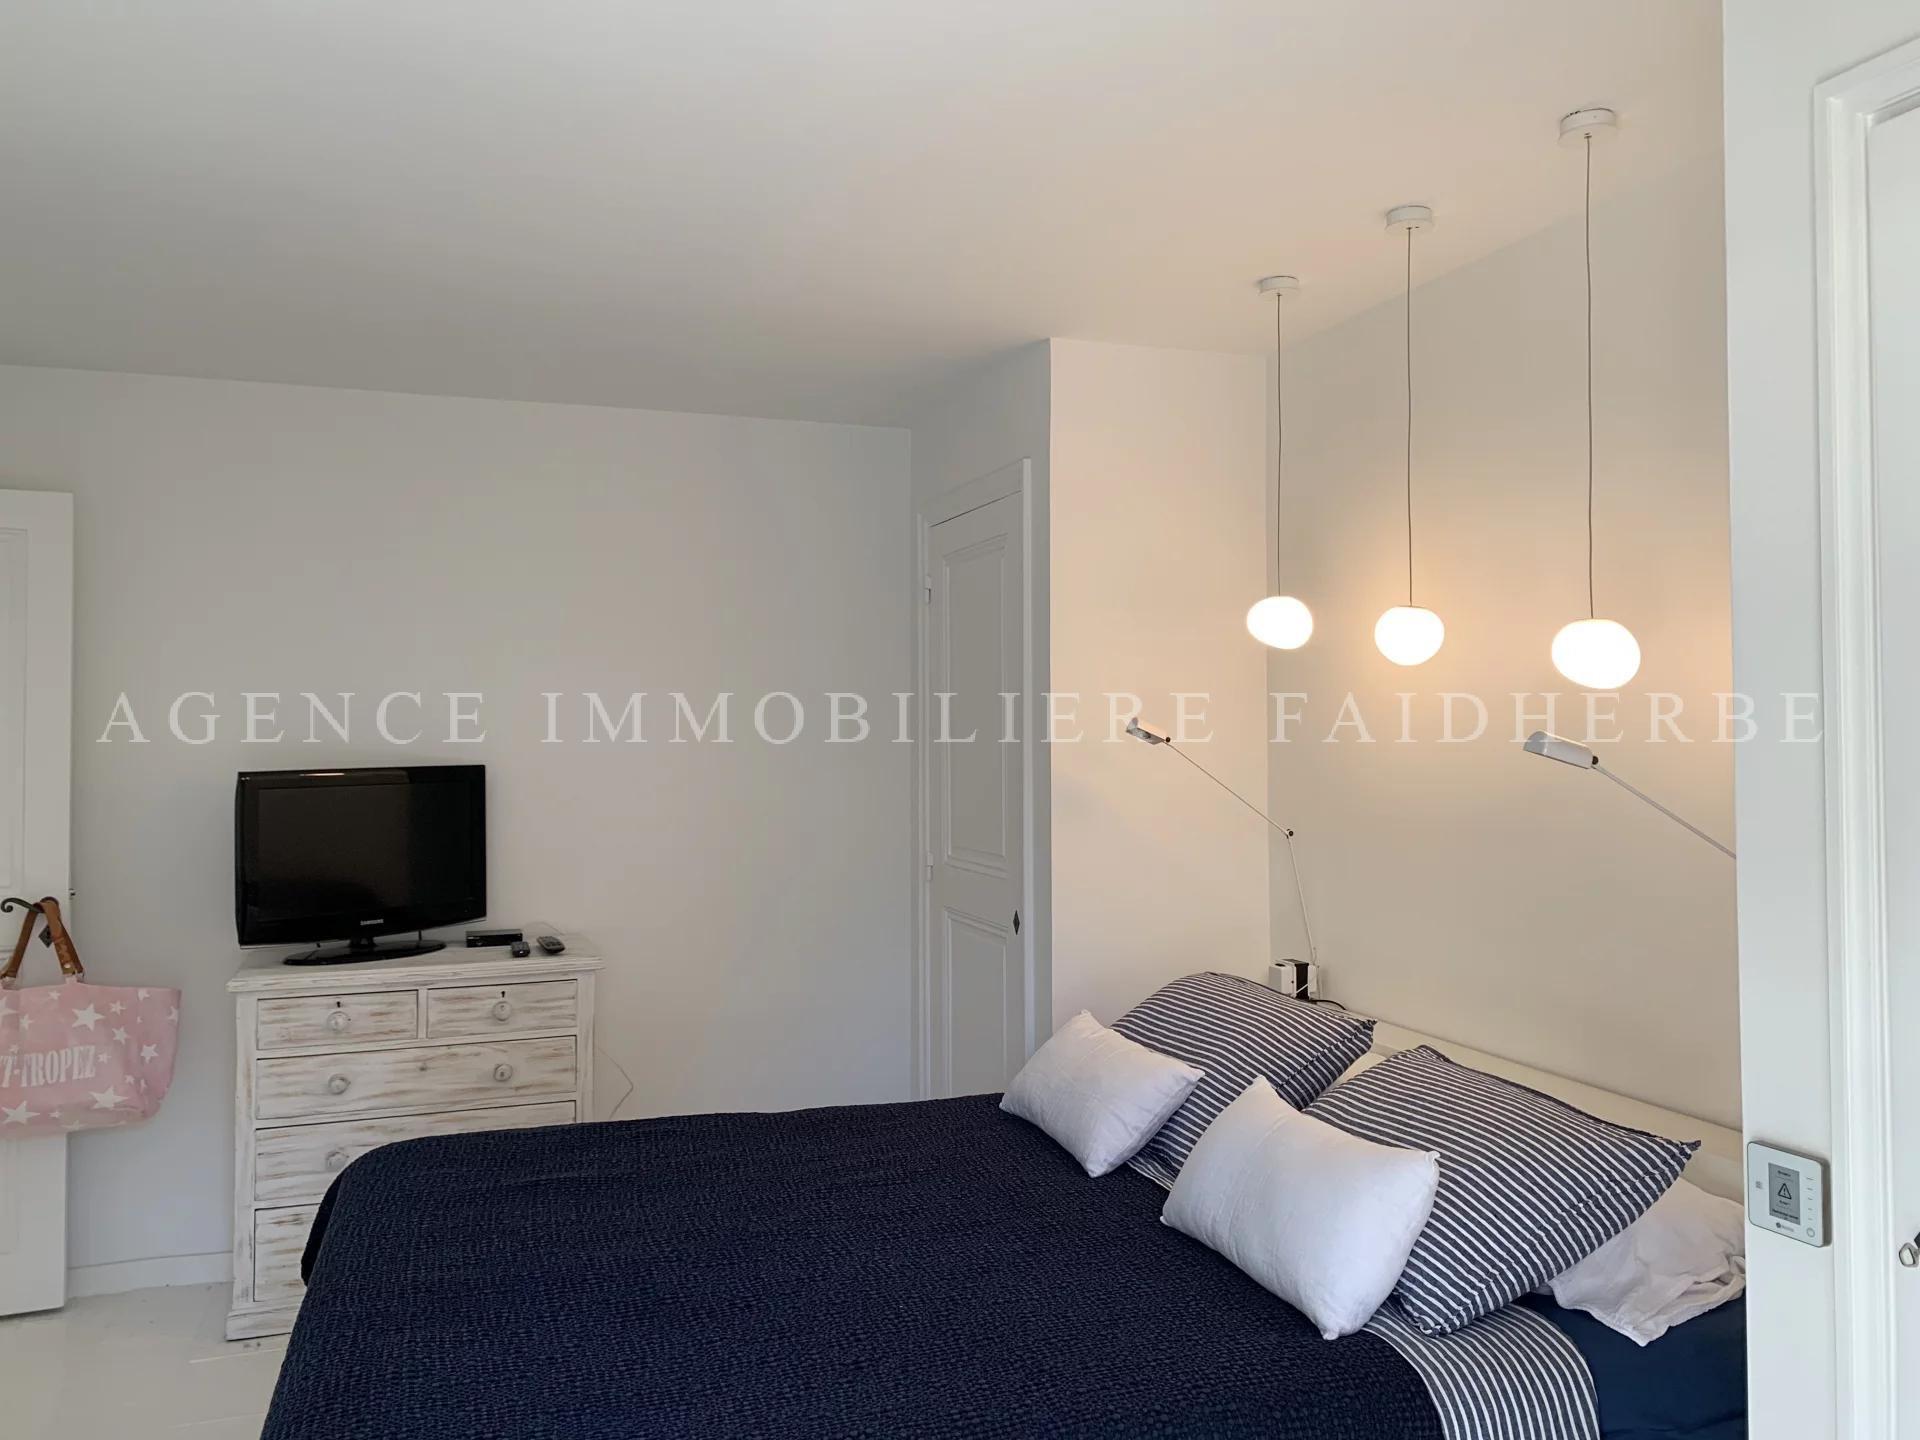 Affitto stagionale Casa - Saint-Tropez